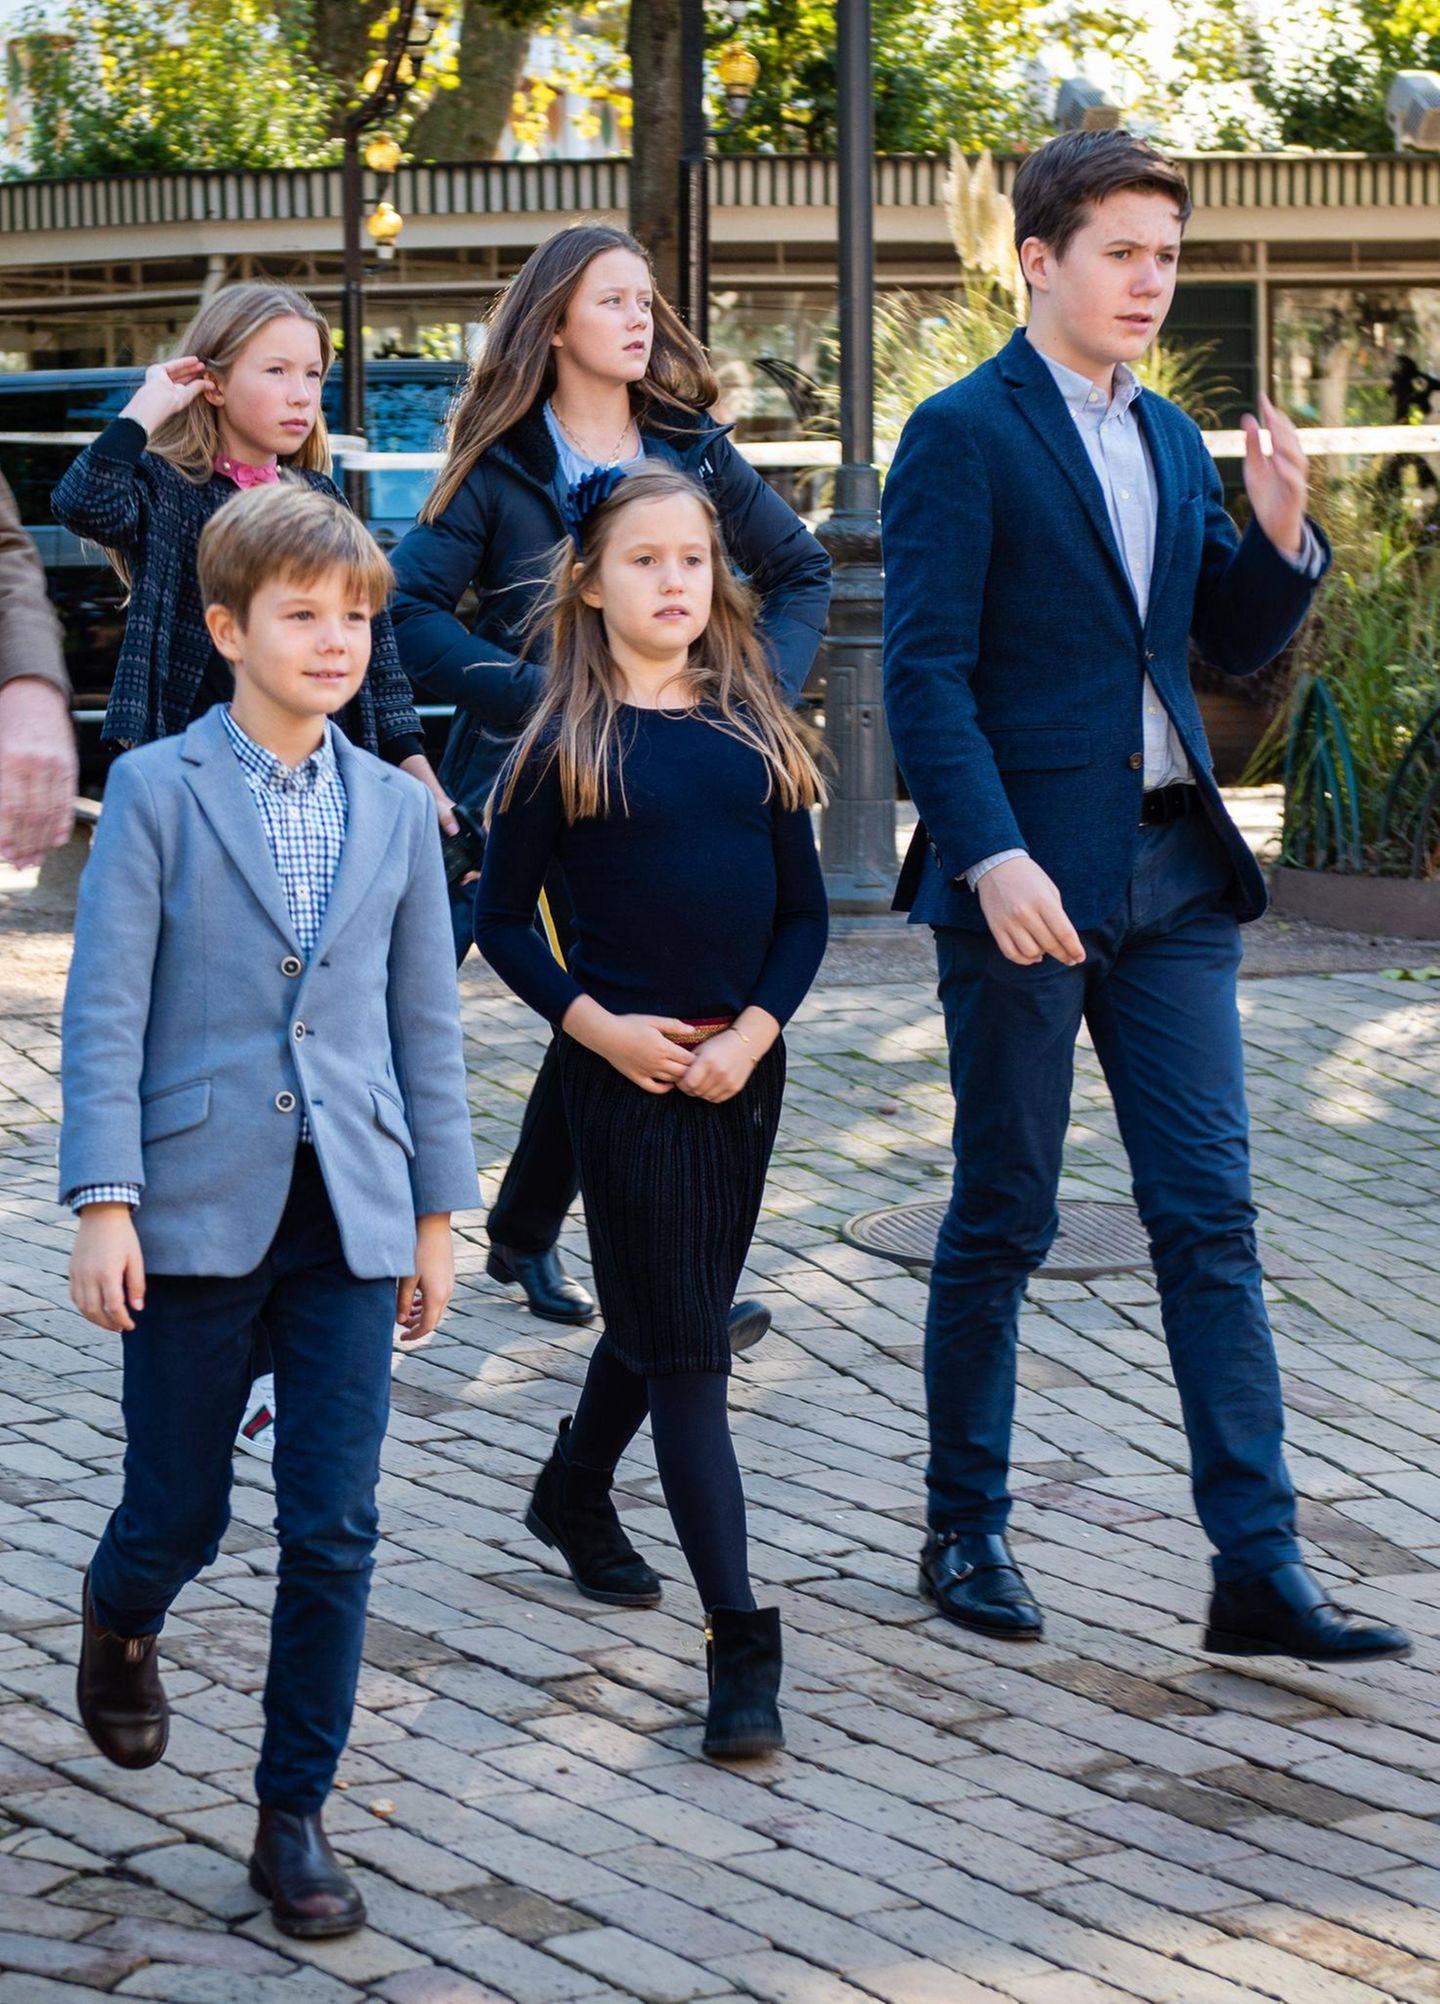 """5. Oktober 2019  Ohne ihre Eltern Prinzessin Mary und Prinz Frederik besuchenPrinzessin Isabella, Prinzessin Josephine, Prinz Vincent und Prinz Christian diePremiere des Stücks """"Skovens Dronning"""" im Märchentheater im Tivoli."""